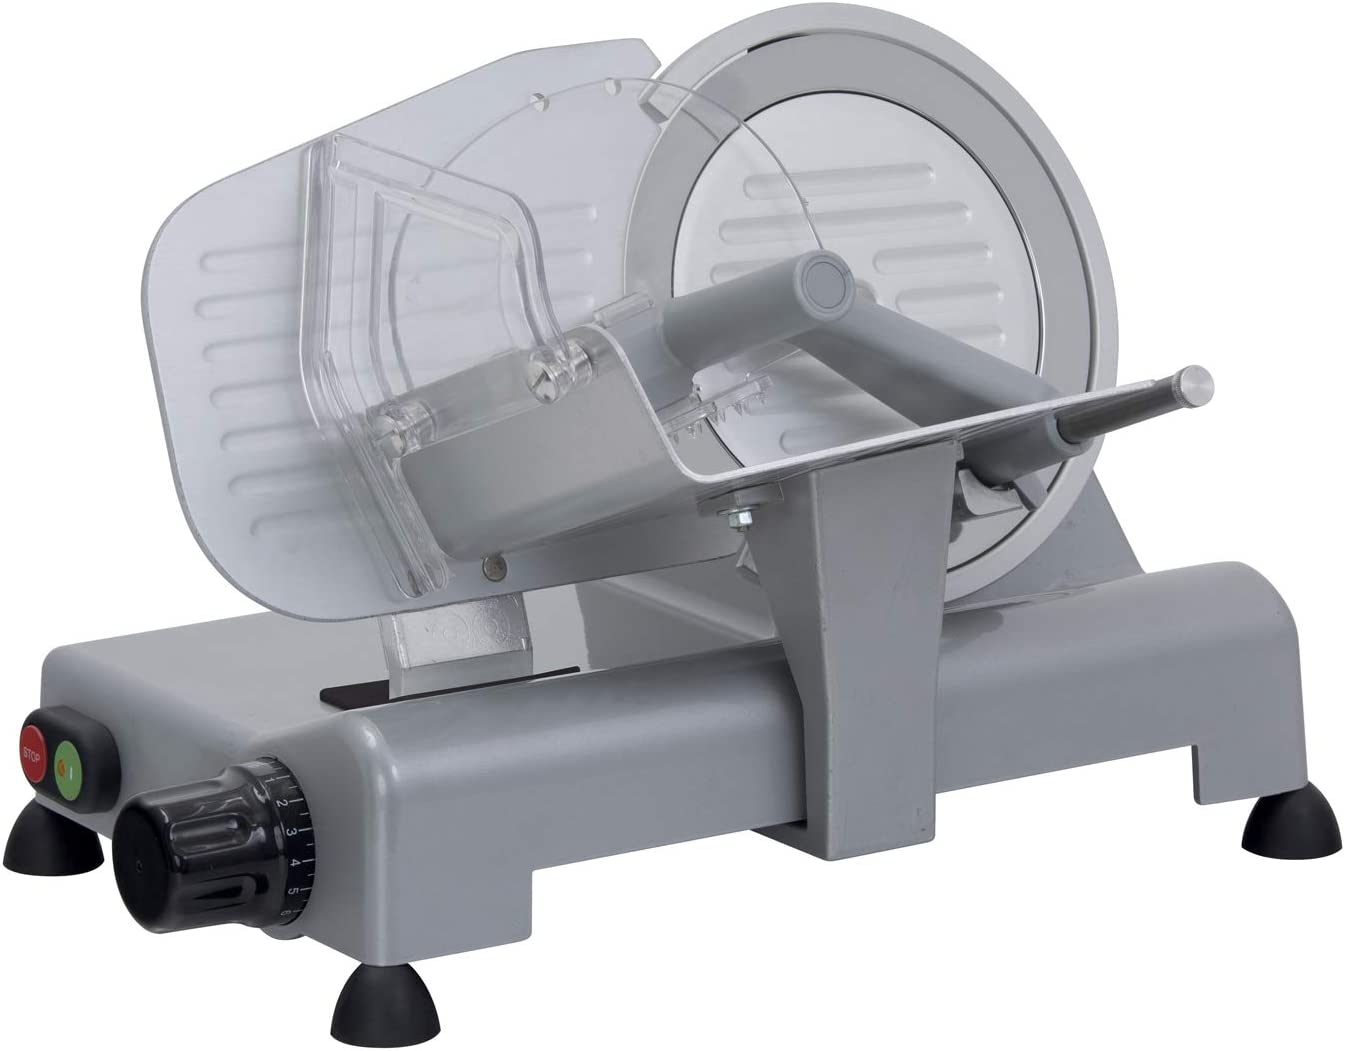 RGV Lusso 195 GL - Cortadora de fiambres, plata, diámetro 19.5 cm